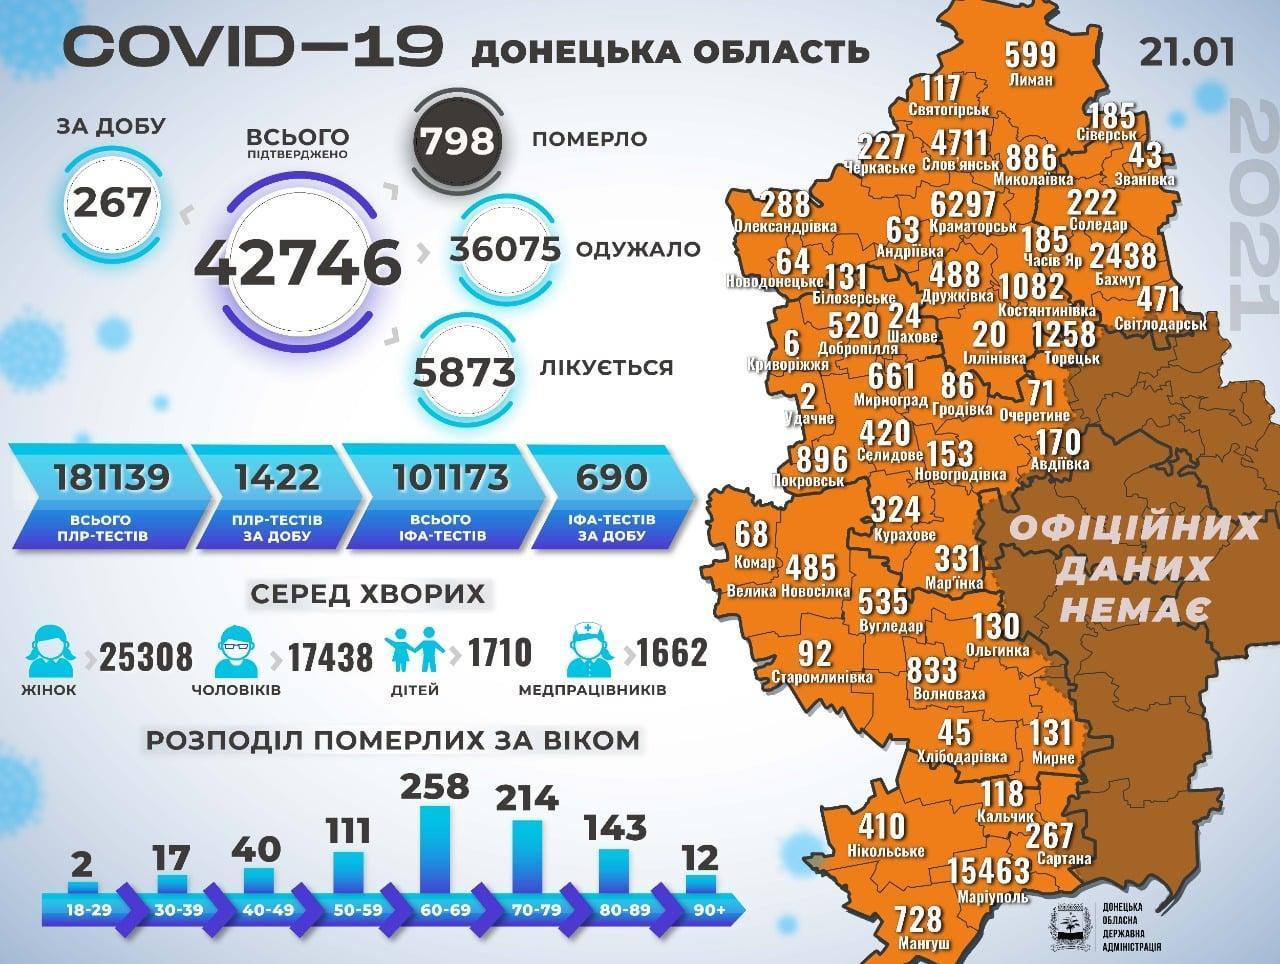 коронавірусна хвороба на підконтрольній Донеччині на 22 січня